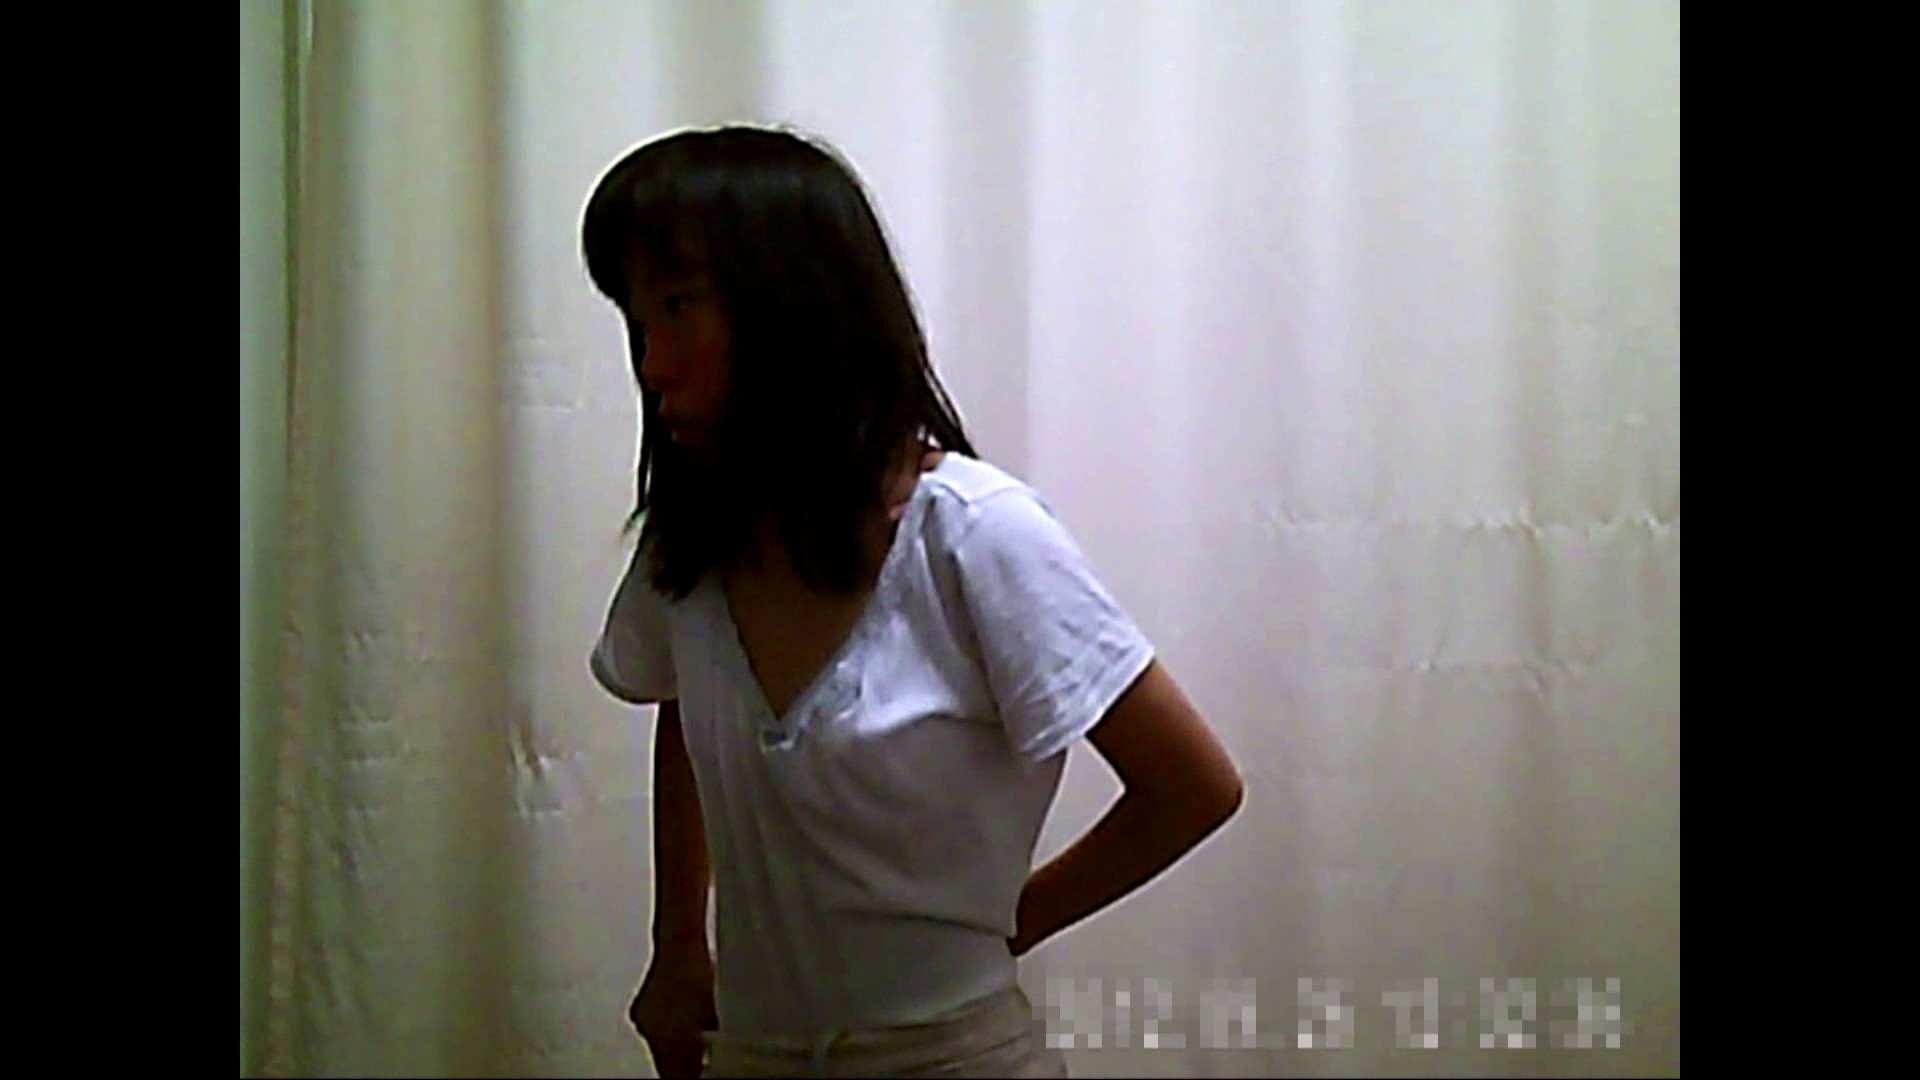 病院おもいっきり着替え! vol.217 貧乳 のぞき動画画像 83pic 6